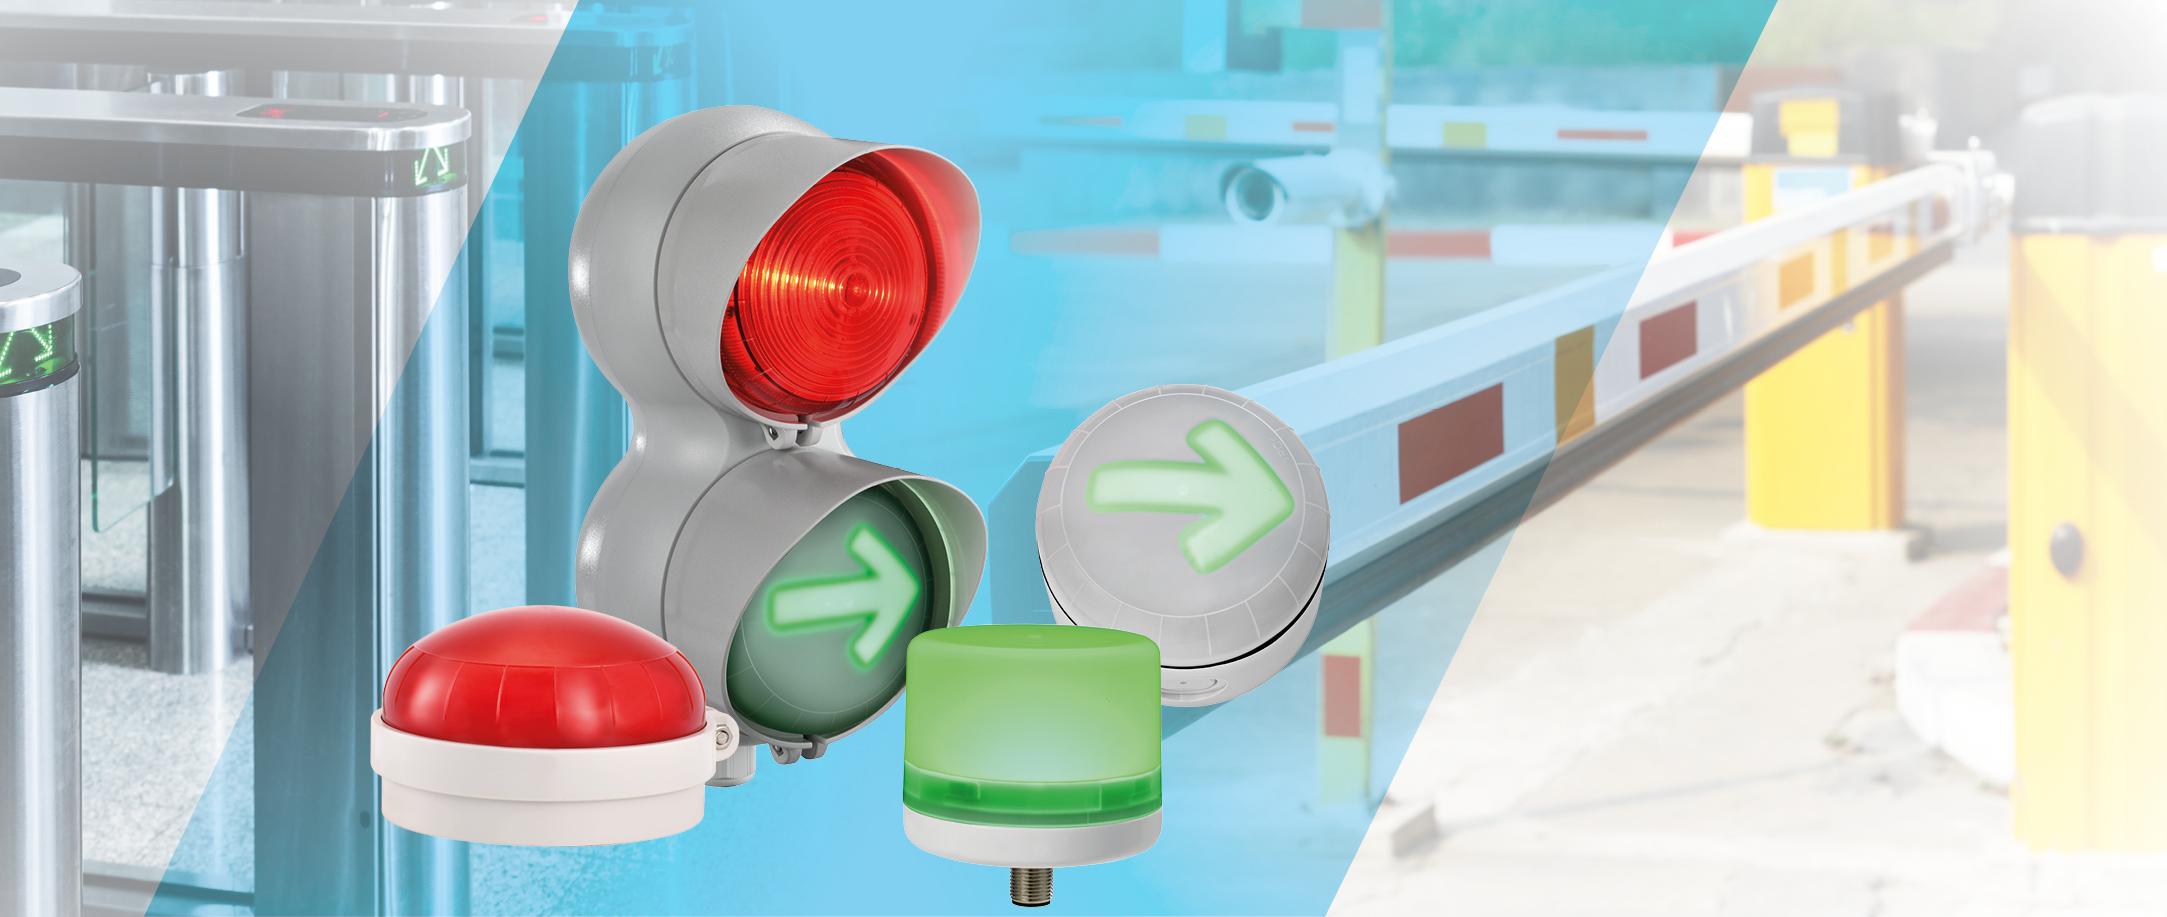 Segnalazione acustico-luminosa per celle frigorifere